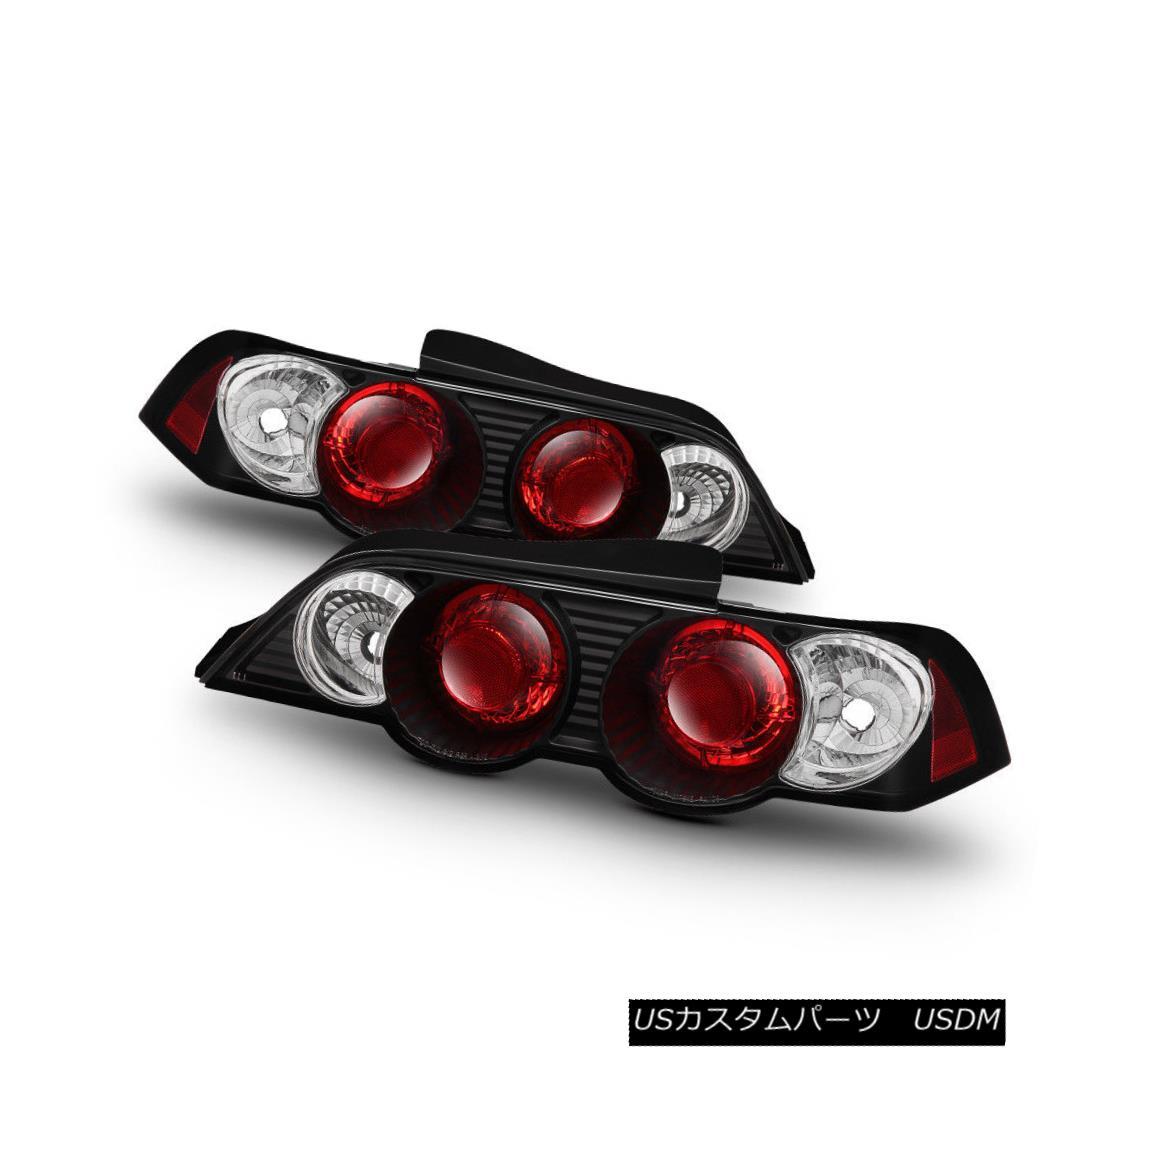 テールライト 02-04 New Acura RSX AT MT Coupe Black Tail Lights Lamps Rear Brake Pair LH RH 02-04ニューアキュラRSX AT MTクーペブラックテールライトランプリアブレーキペアLH RH